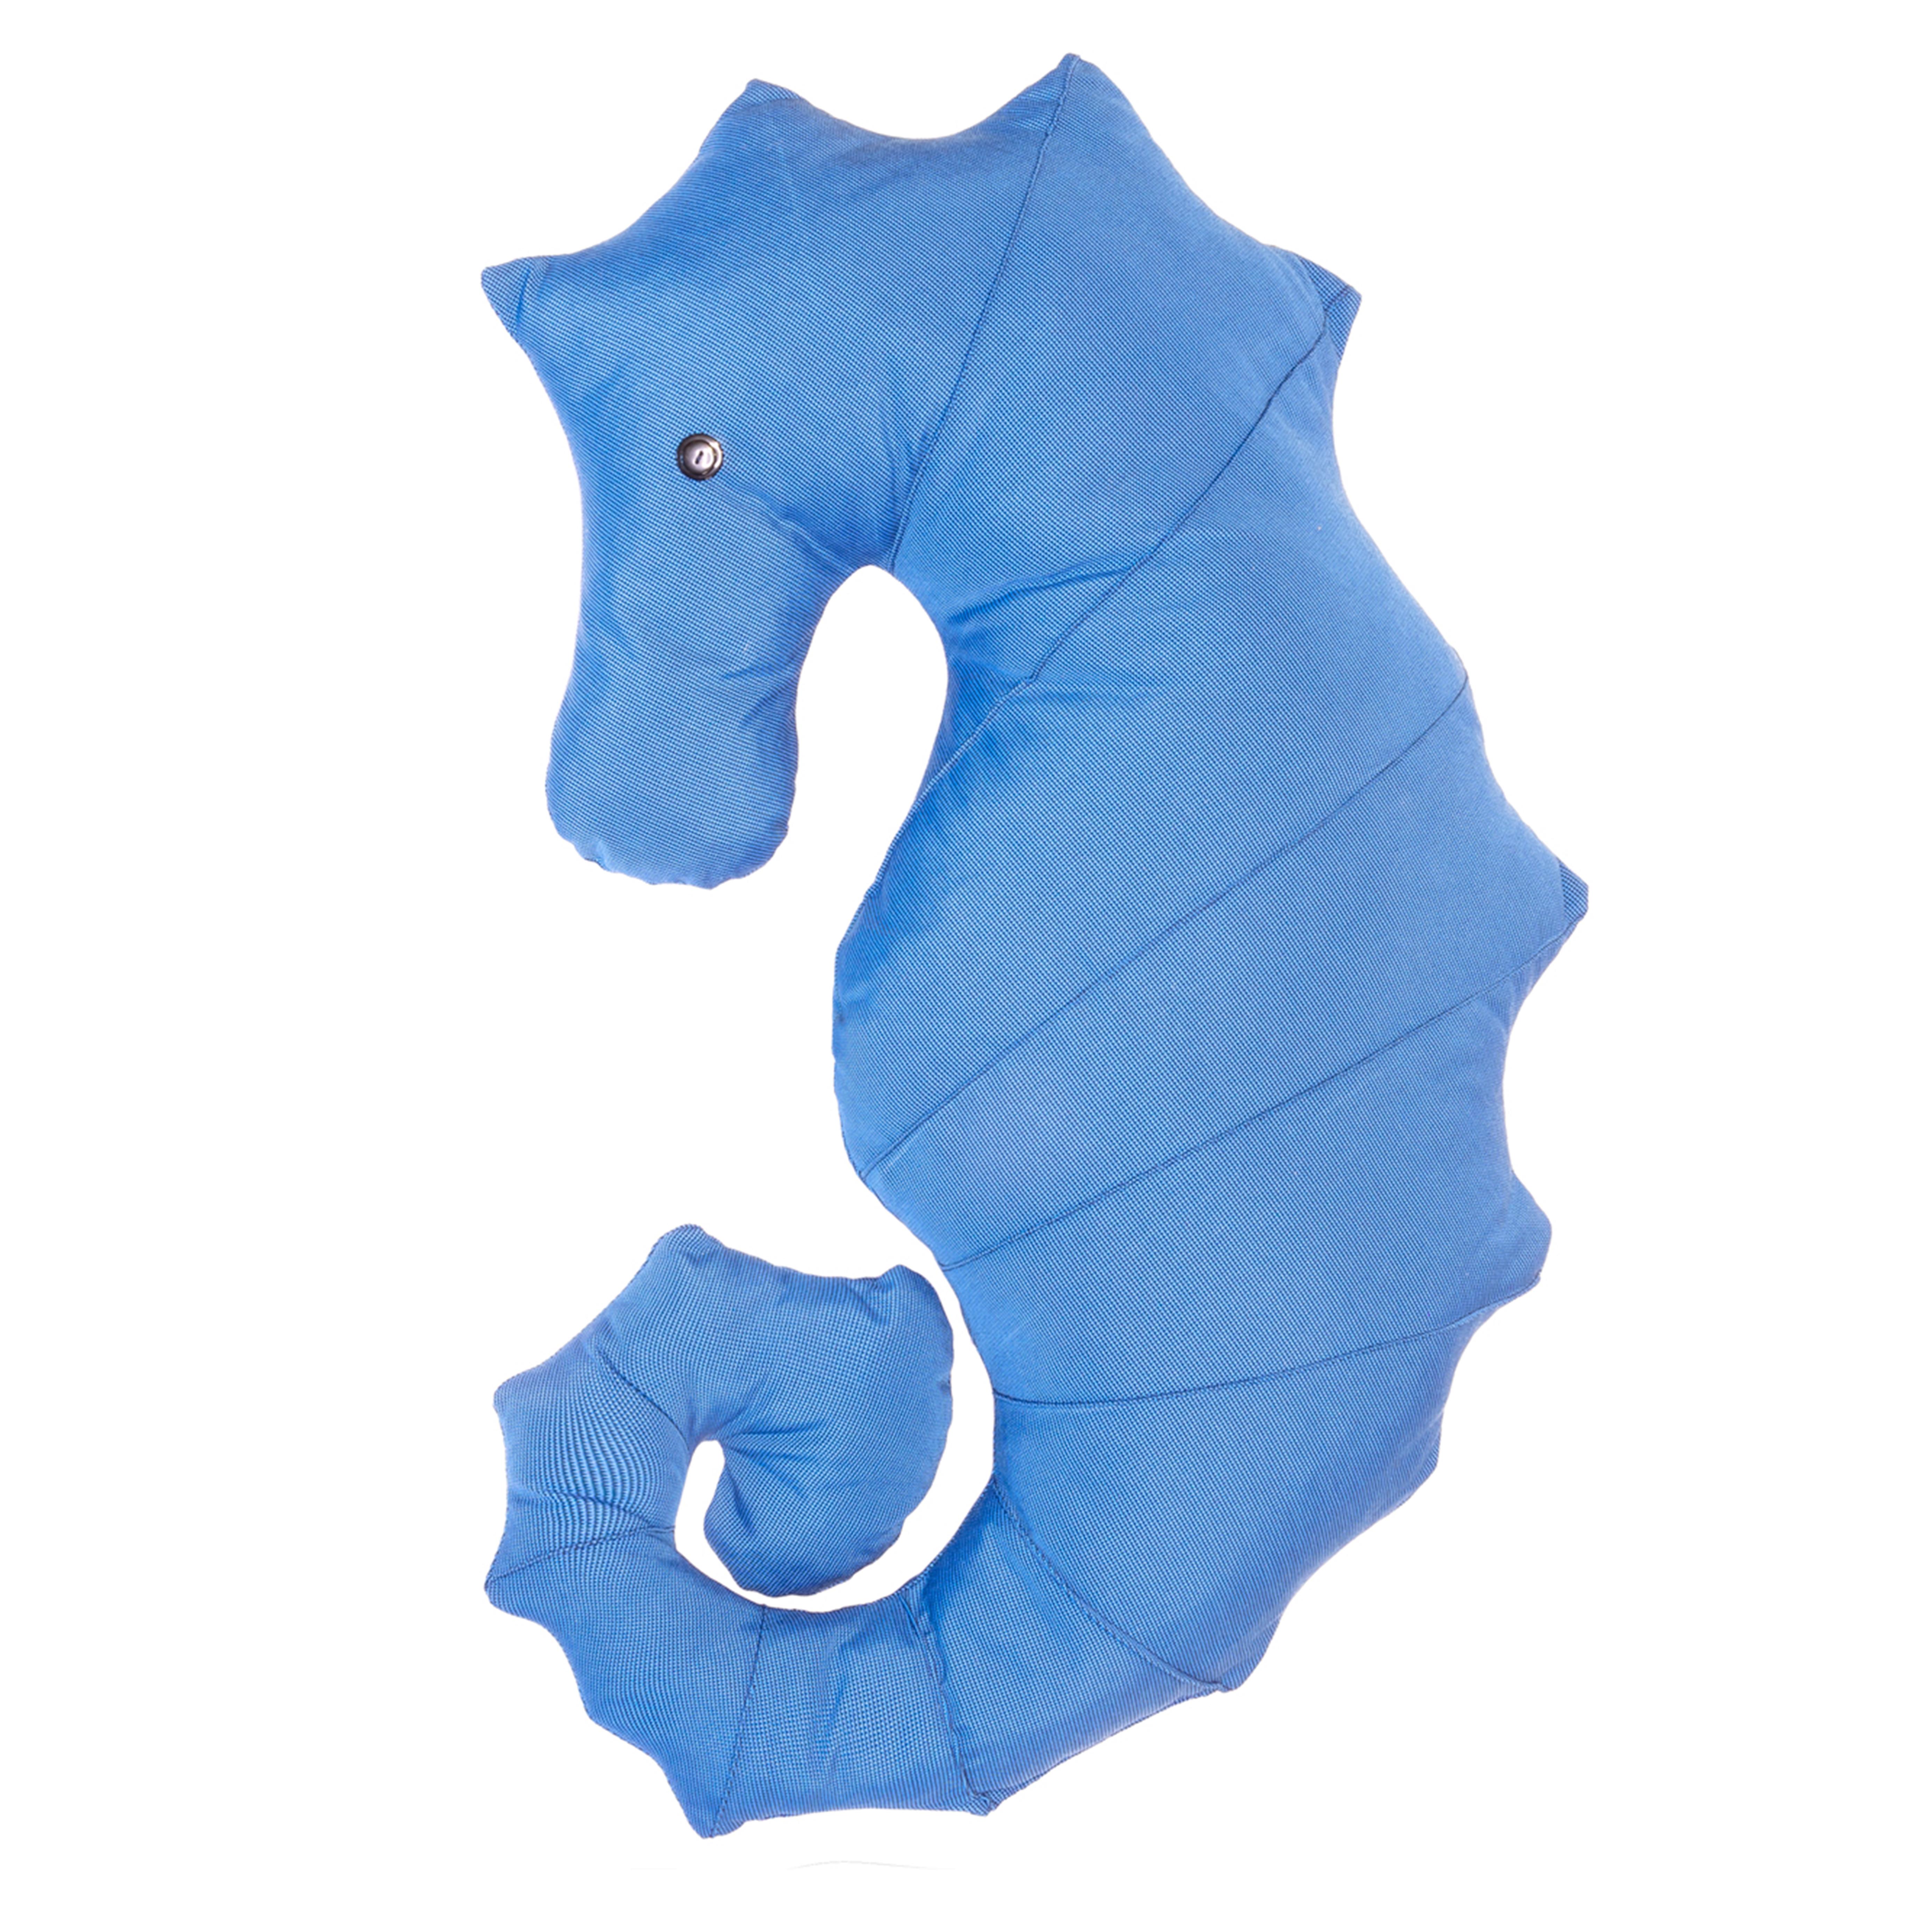 Coussin extérieur hippocampe bleu marine